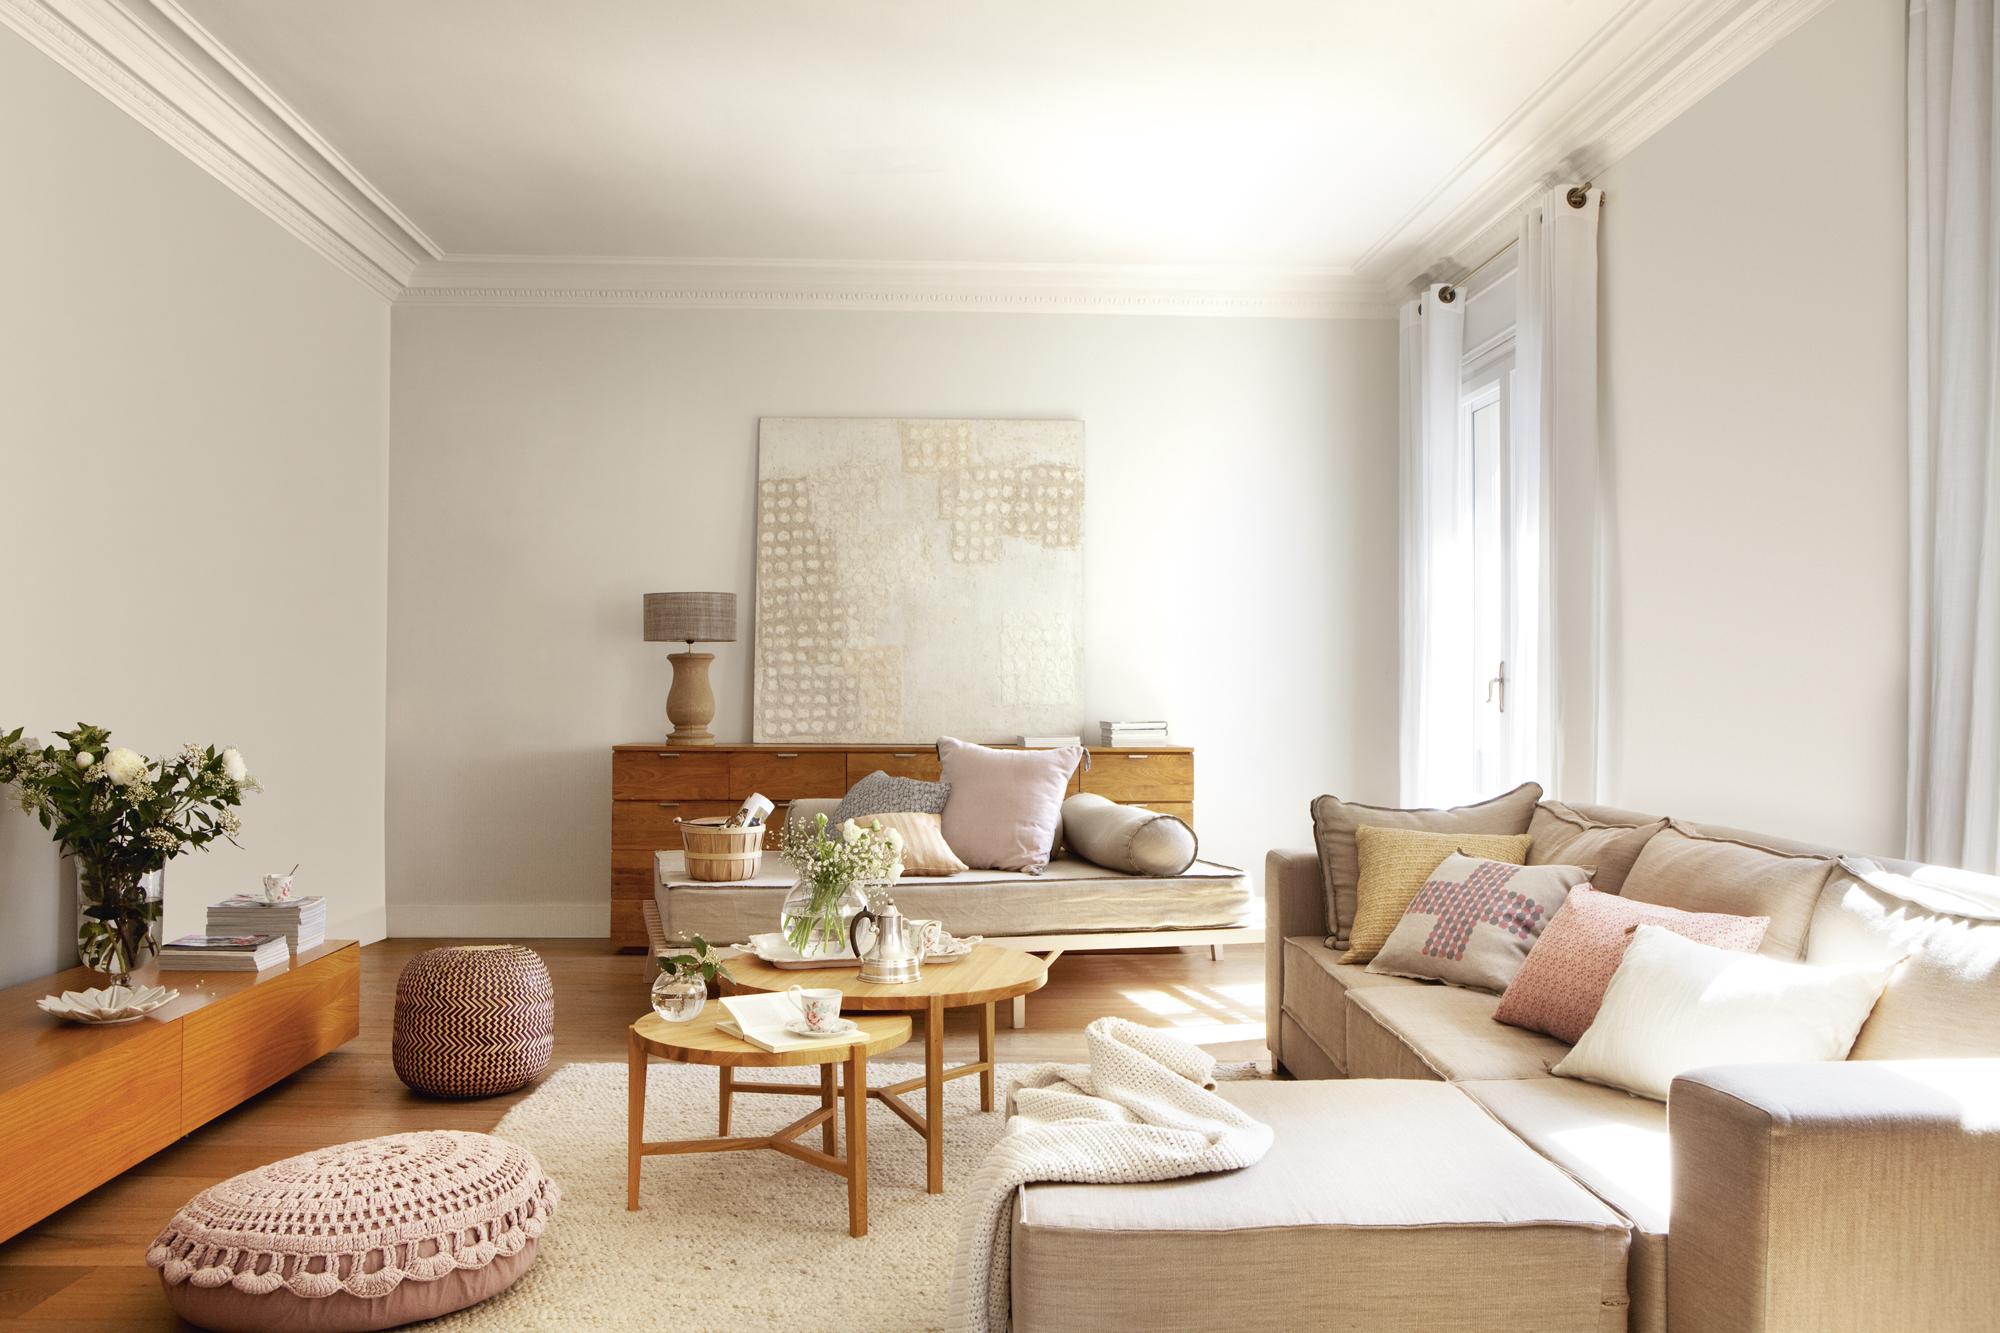 Revista El Mueble Salones J7do Cambiar El Salà N solo Con La Pintura